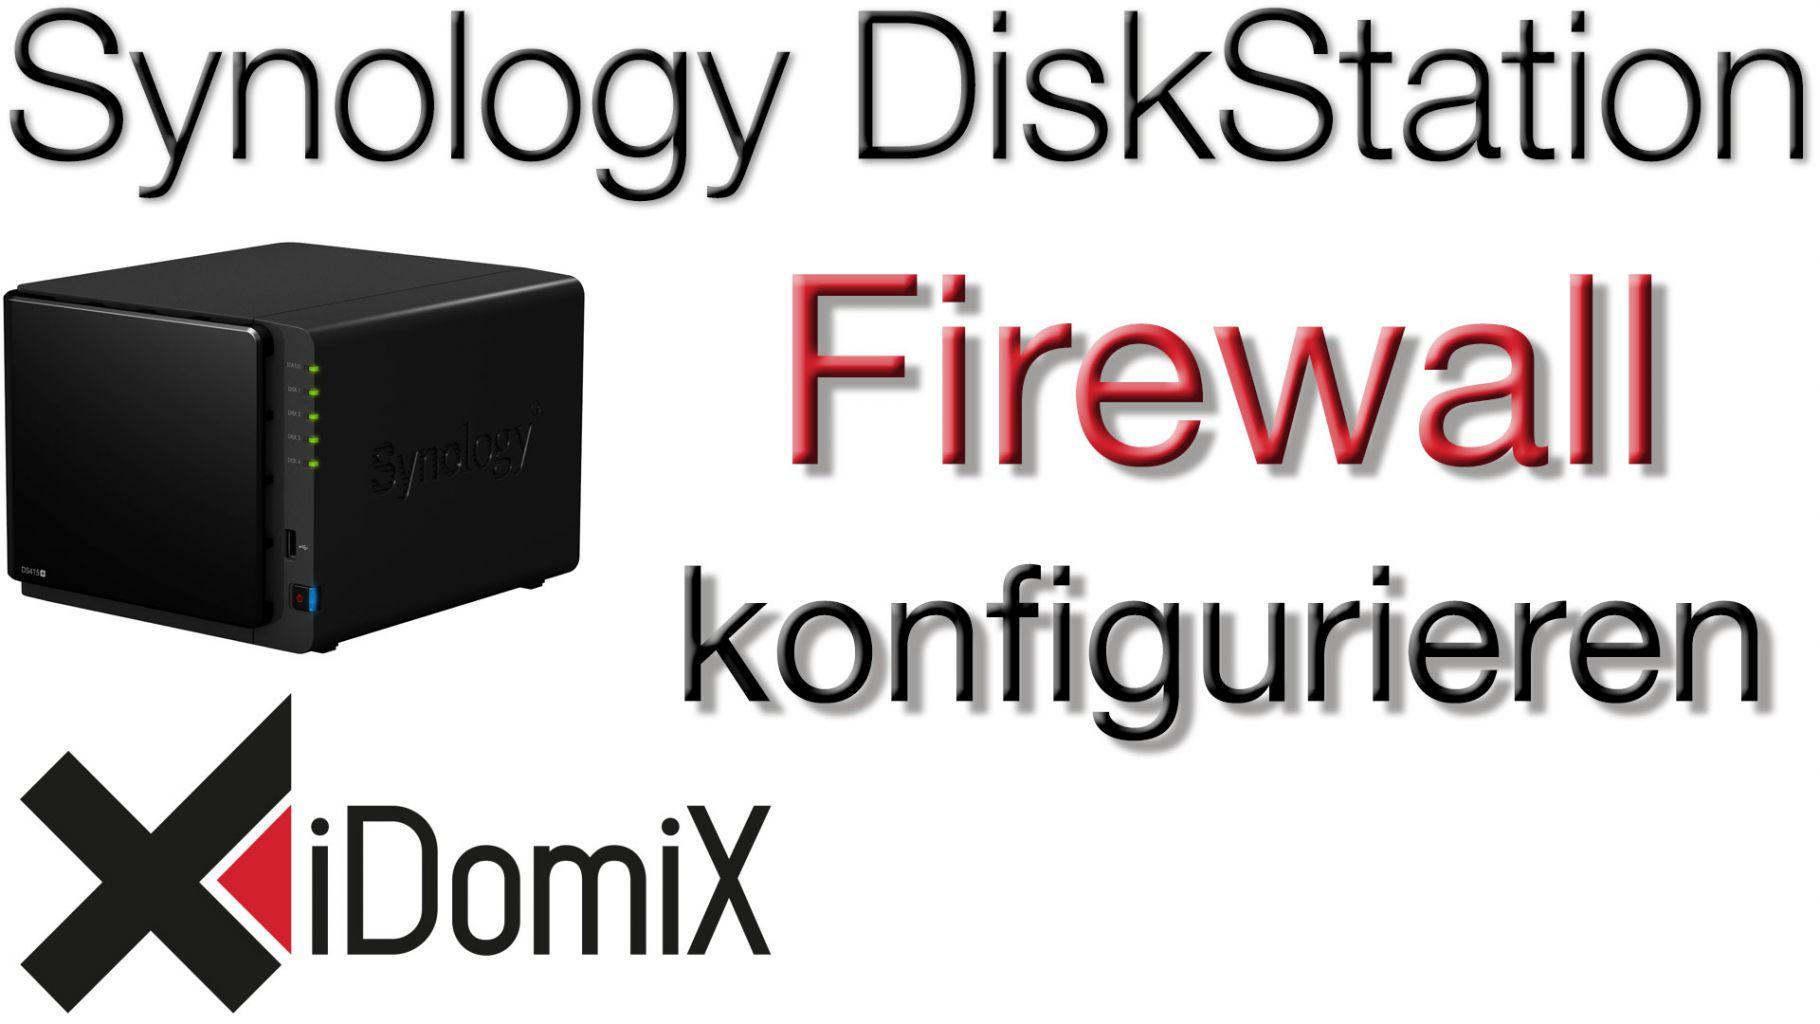 324-firewall